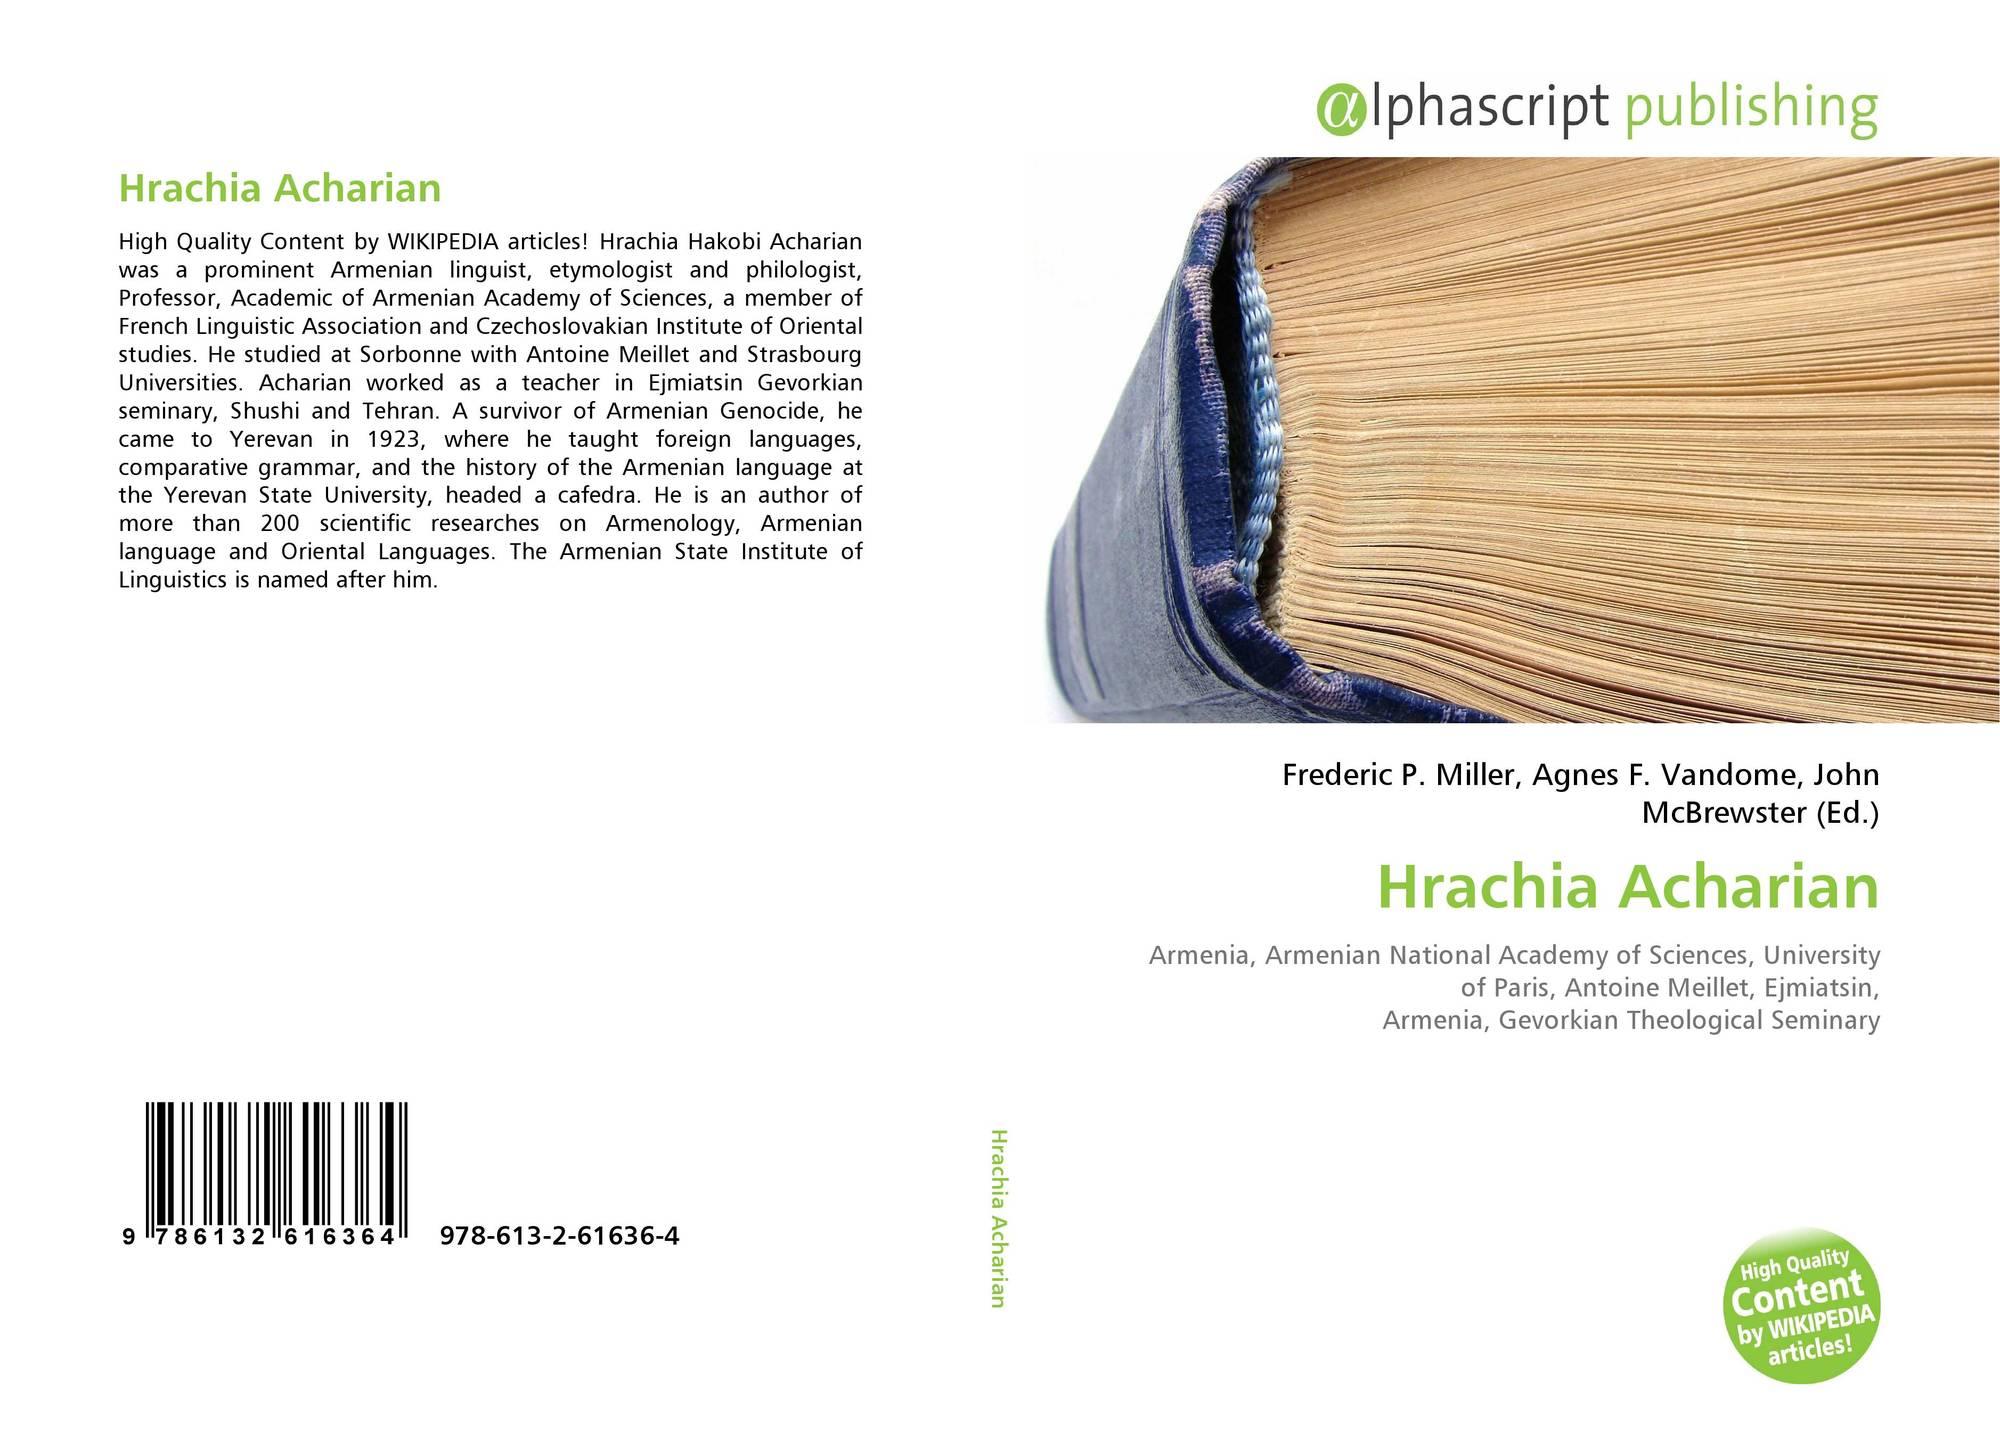 Hrachia Acharian